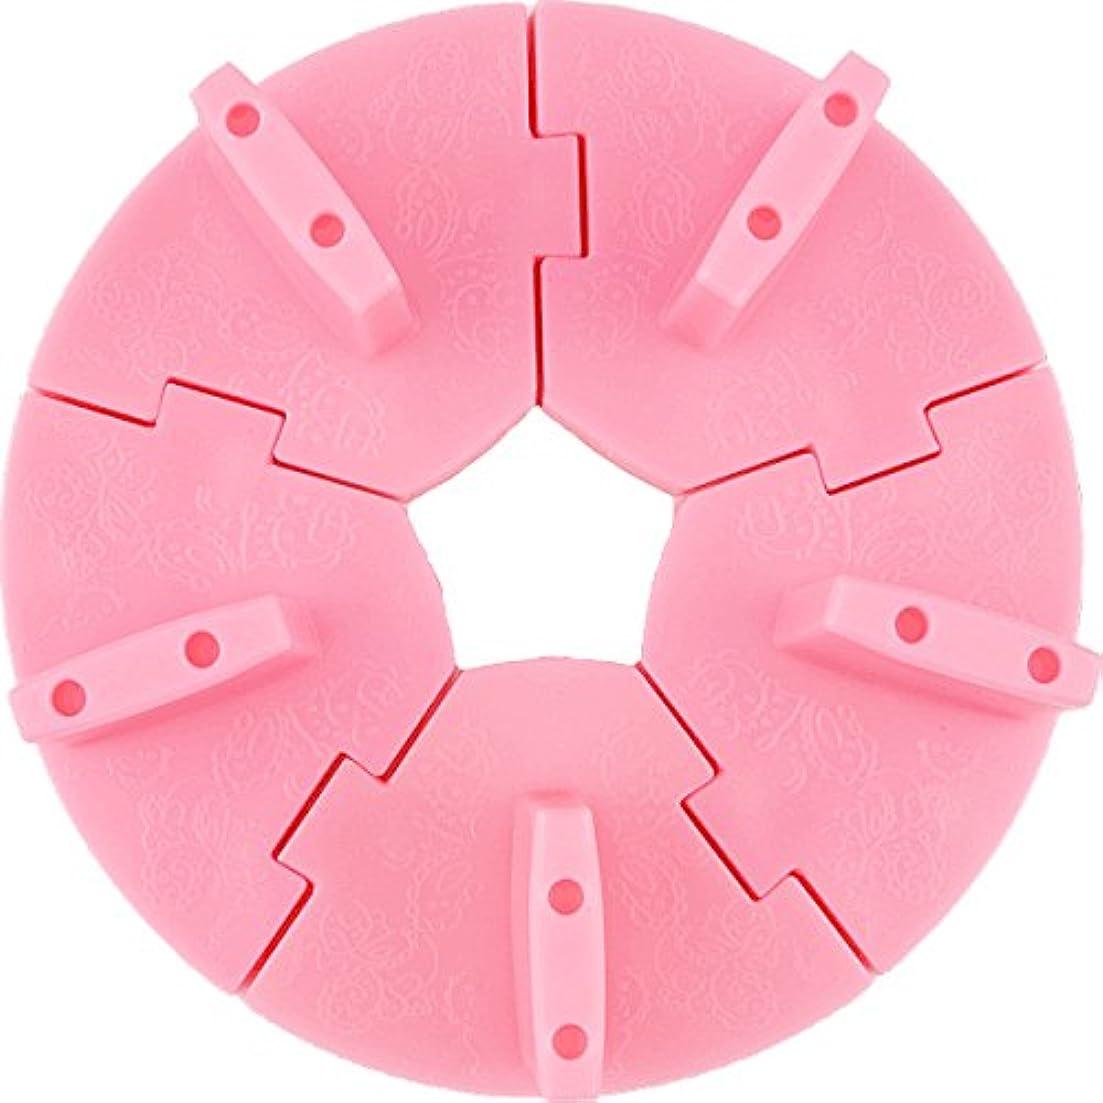 核熱意構築するネイル チップスタンド 固定チップ5個付き (ピンク)